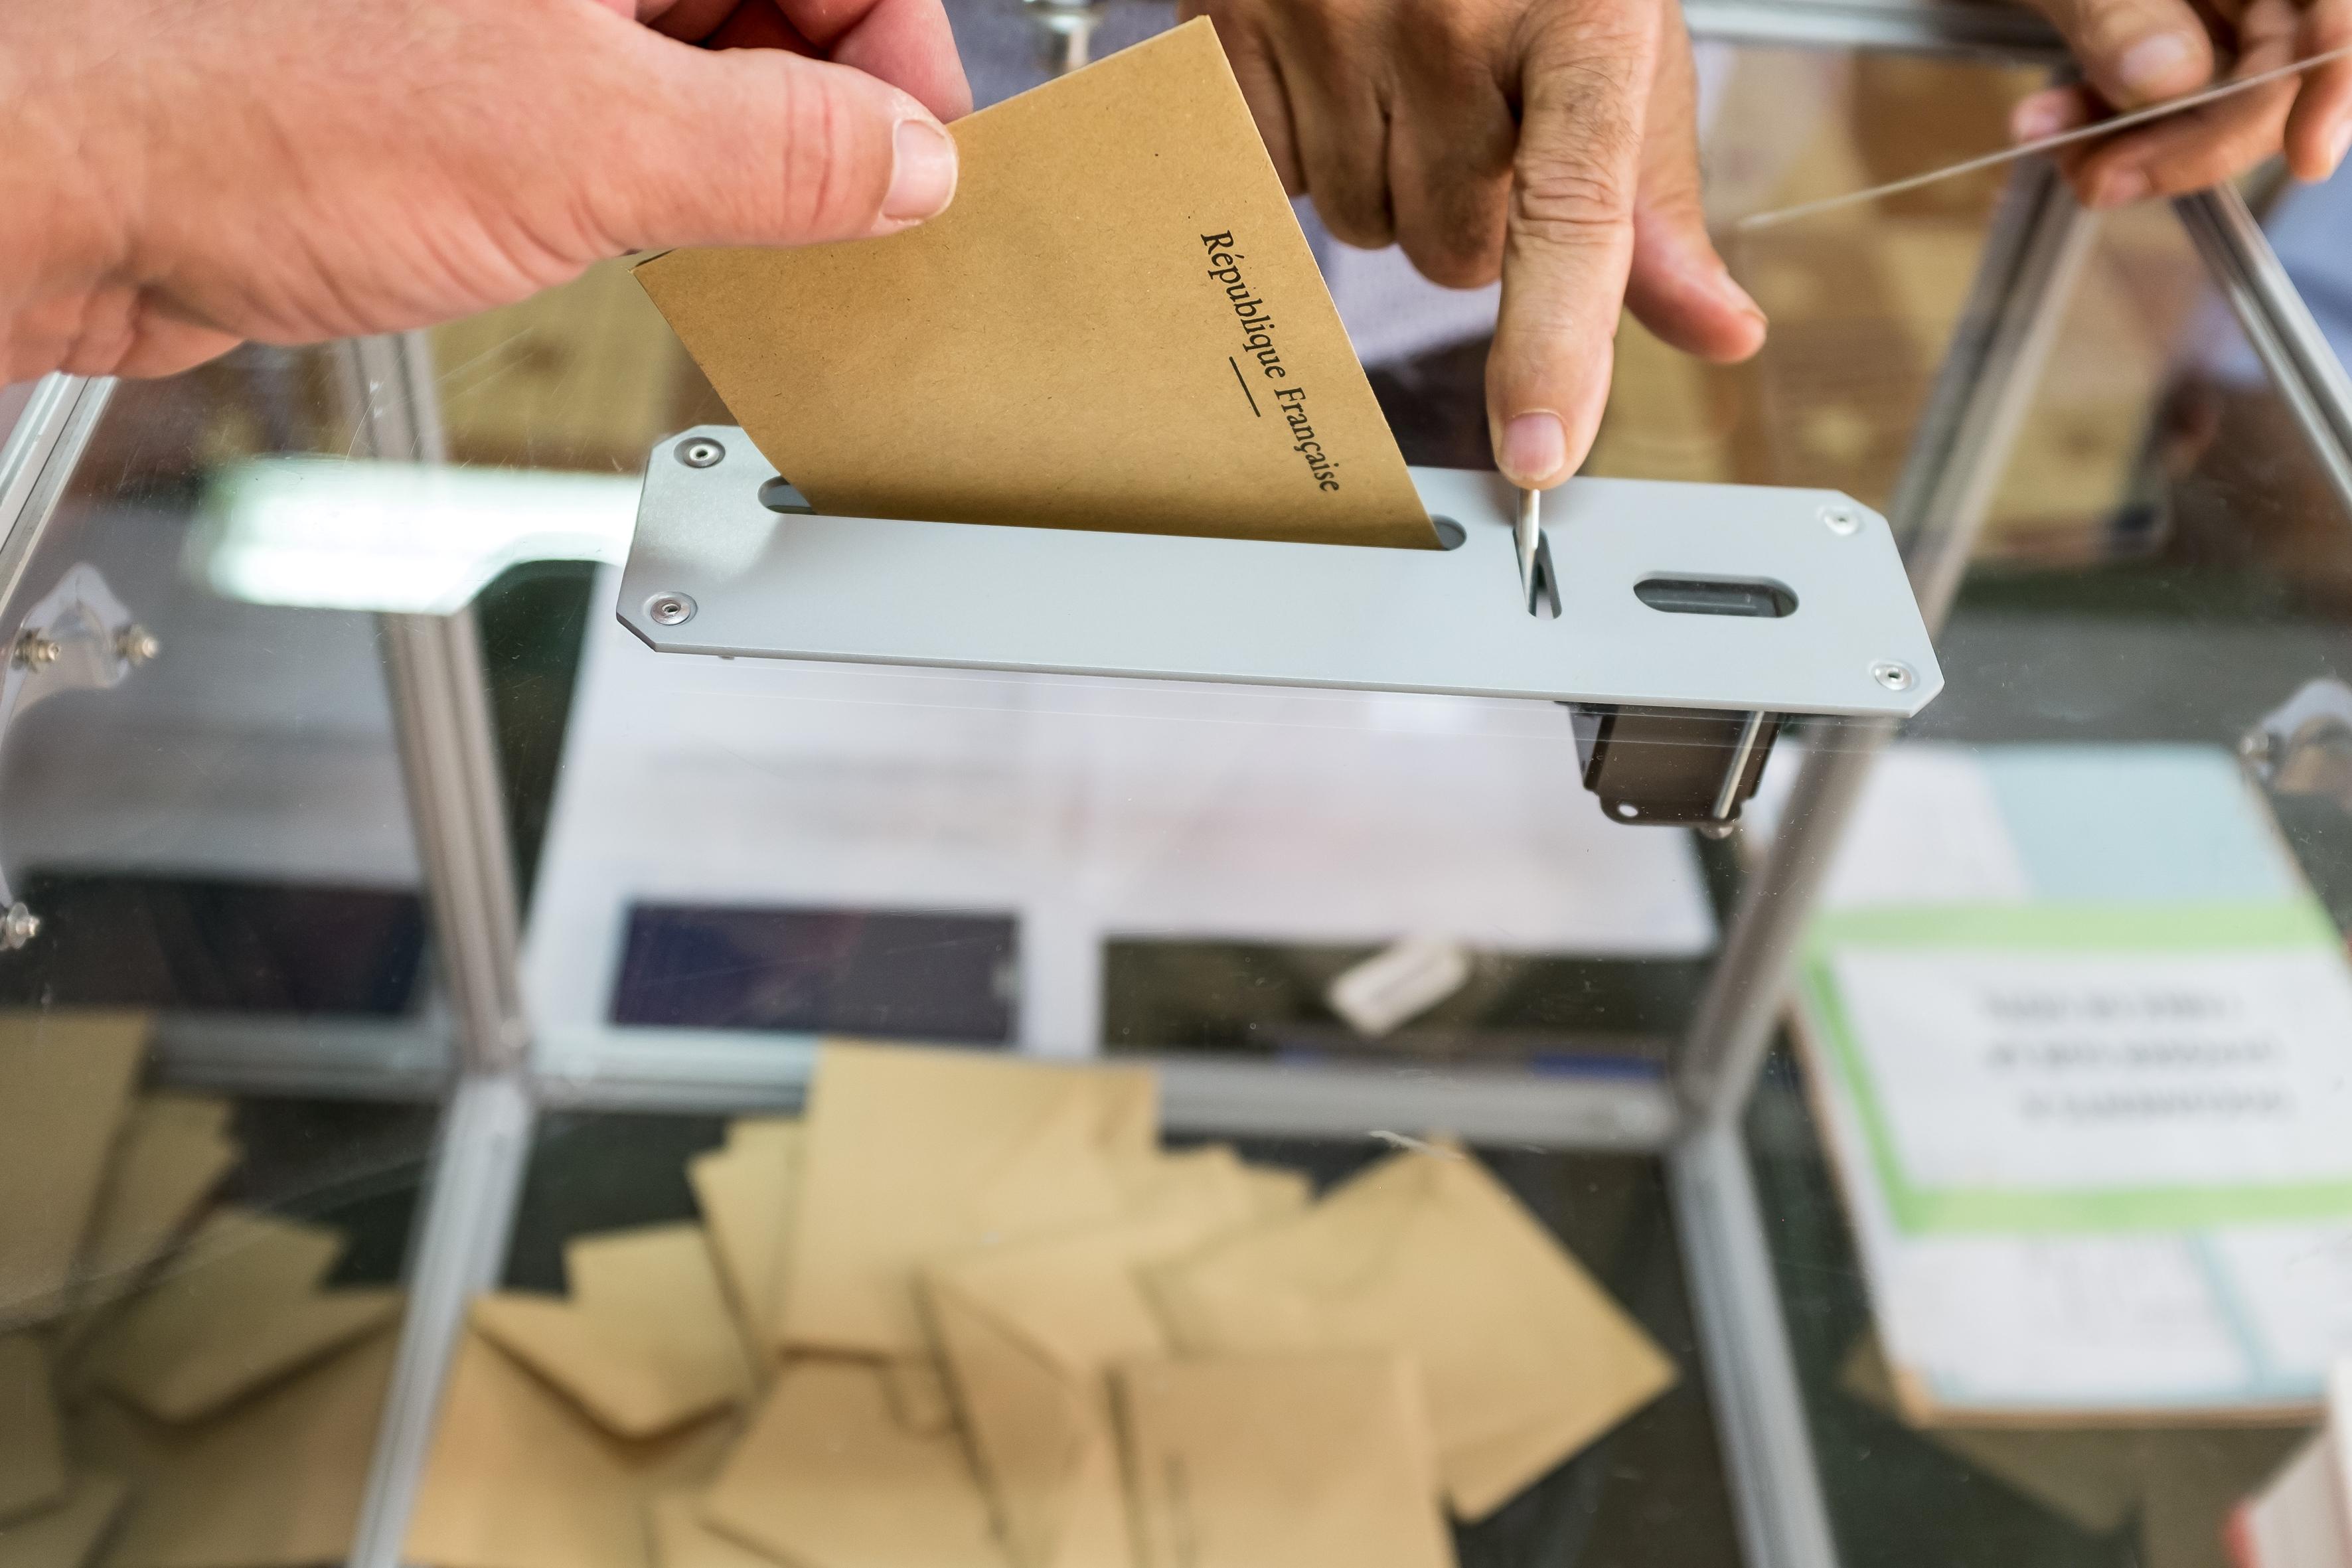 ناخب فرنسي يدلي بصوته السبت في الدورة الأولى لانتخابات الرئاسة الفرنسية